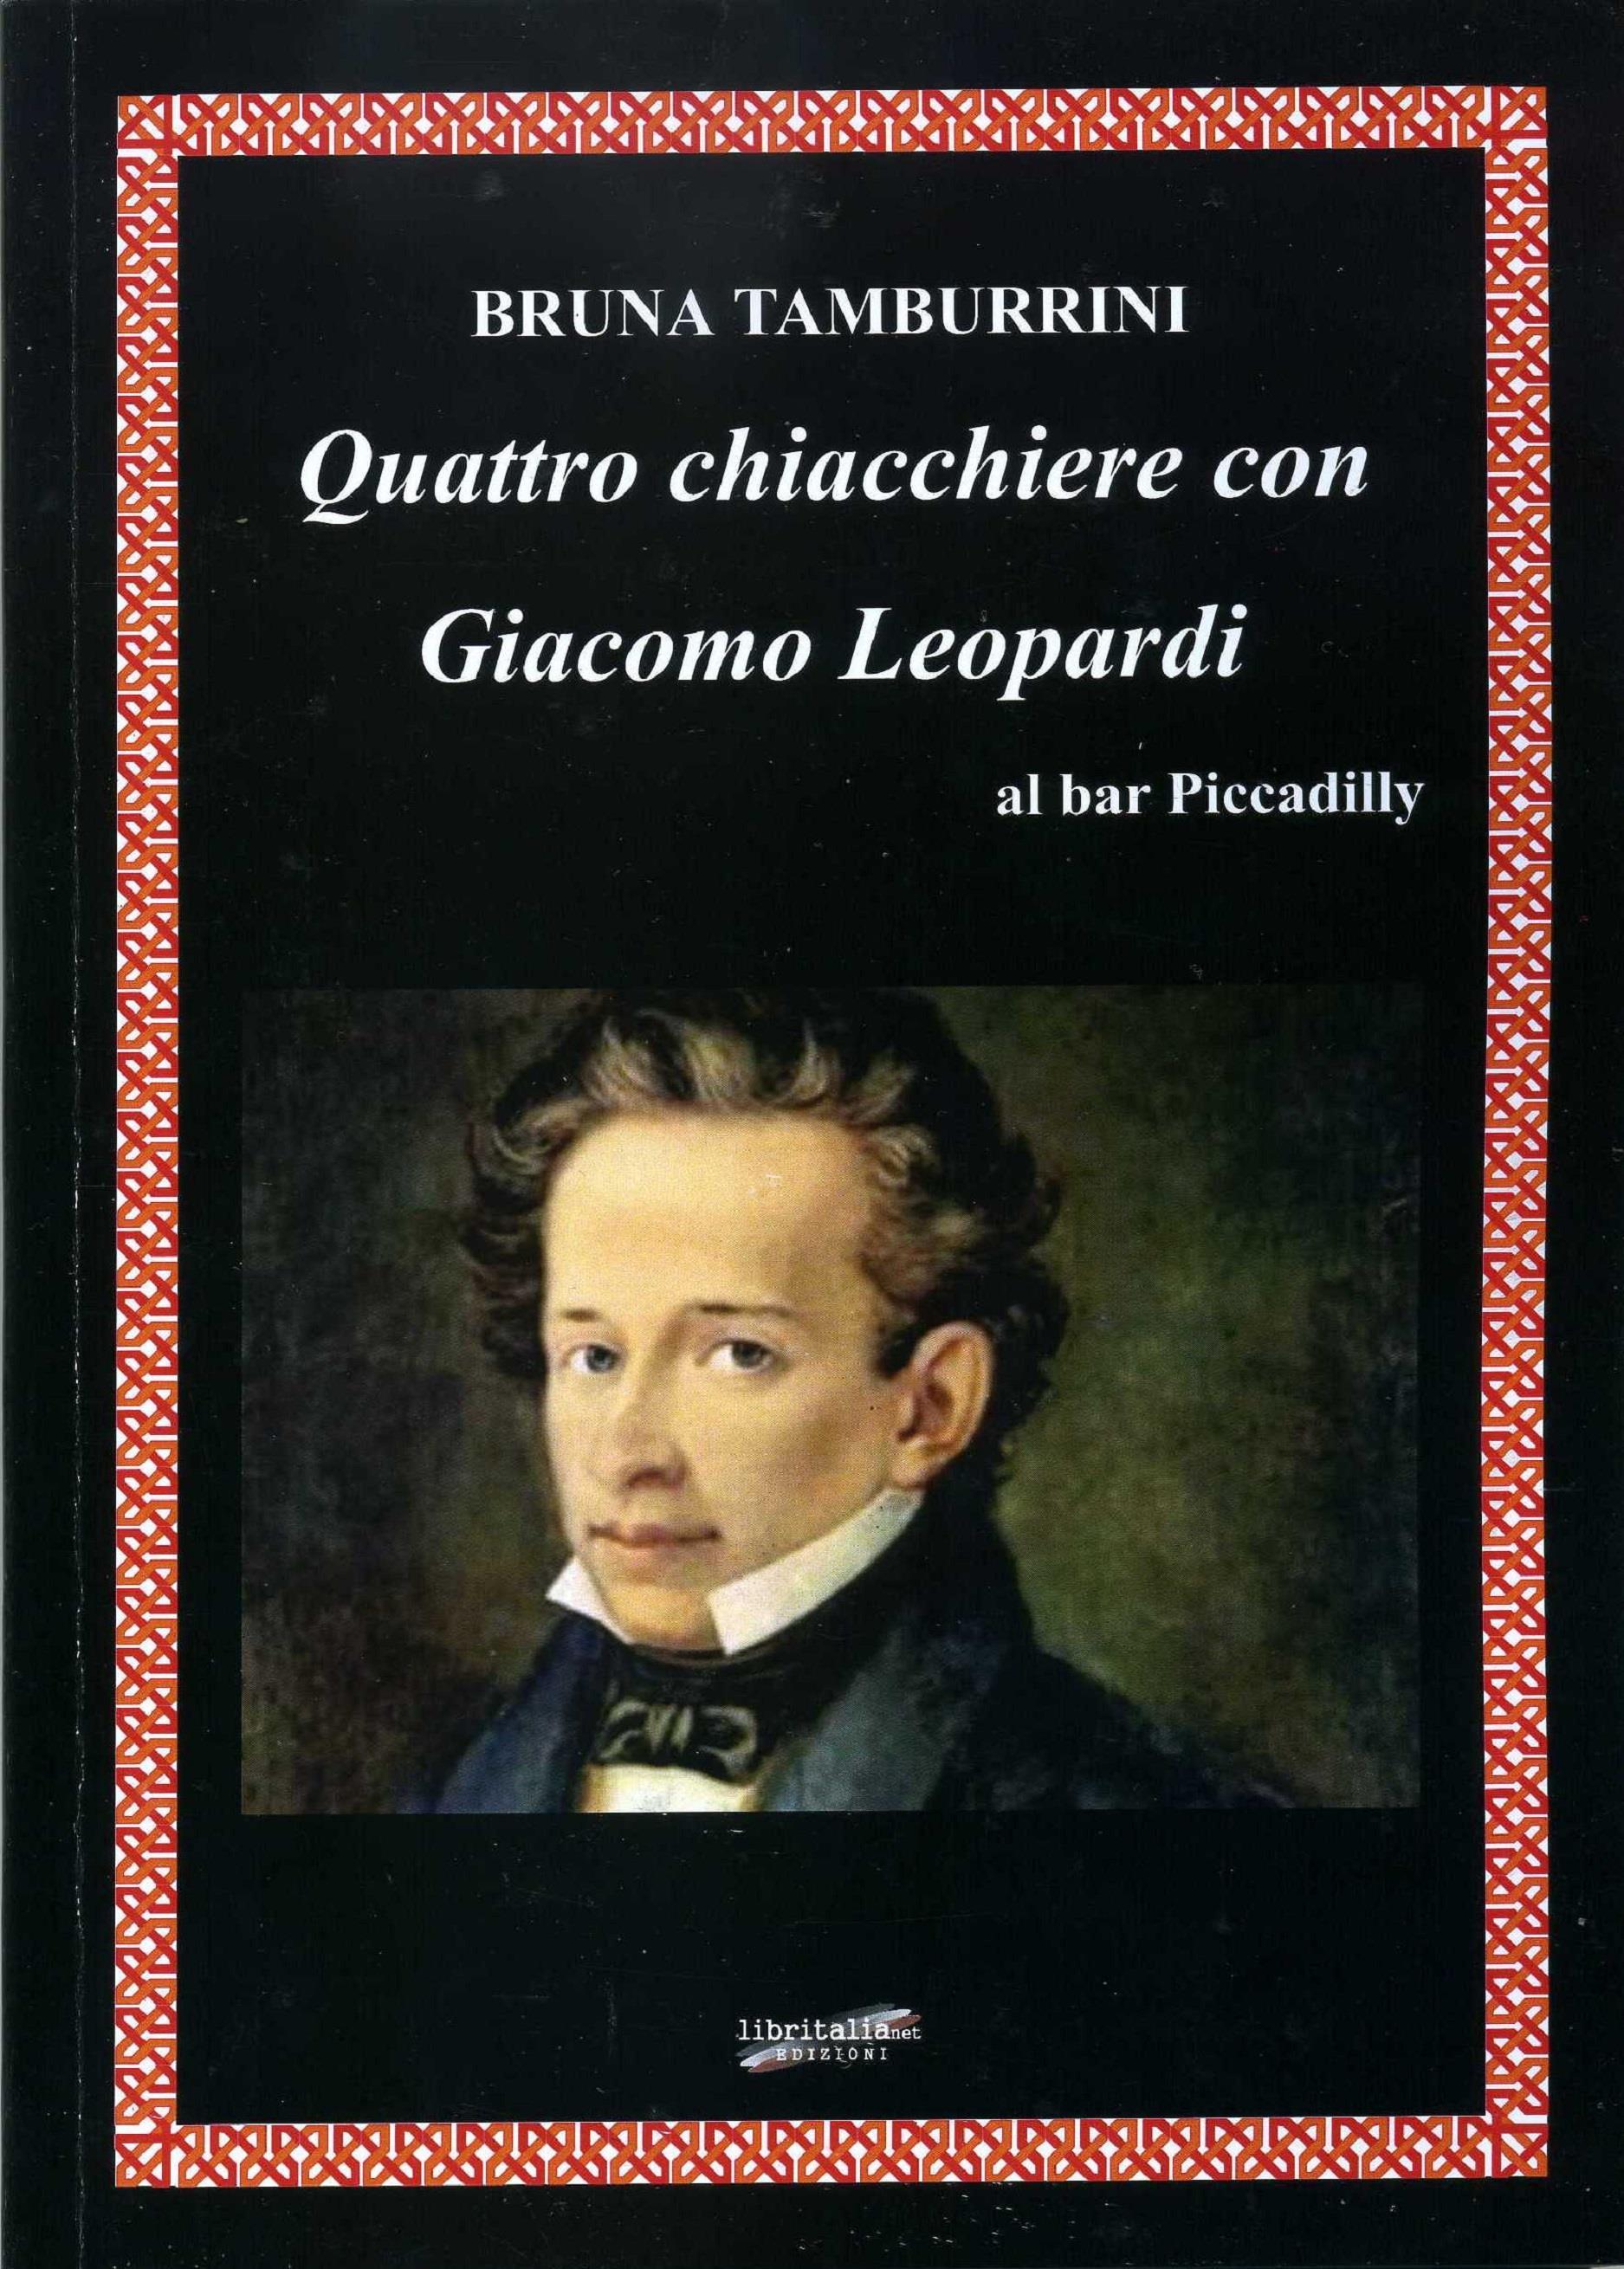 Quattro chiacchiere con Giacomo Leopardi al bar Piccadilly